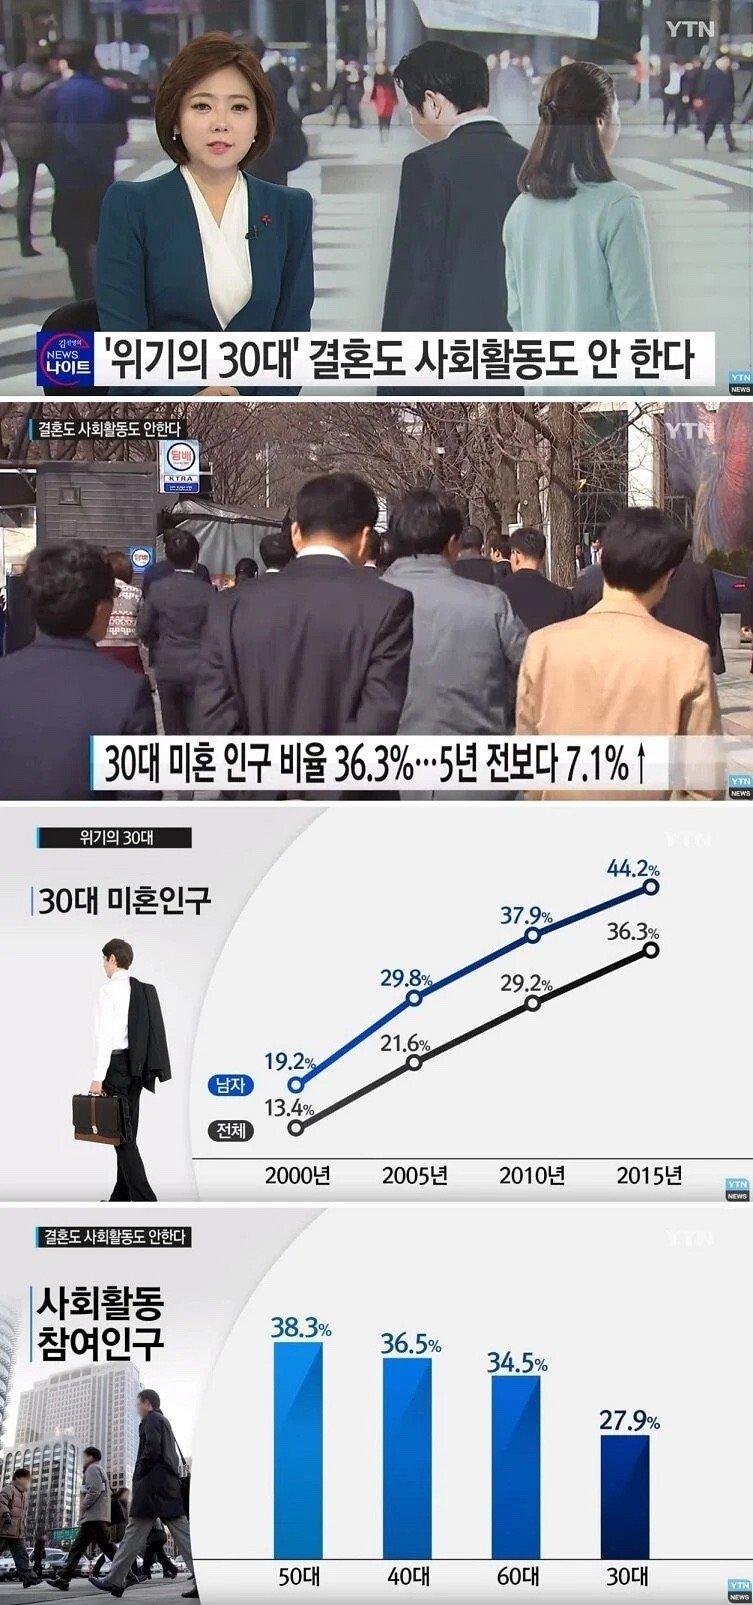 20201201184611_63060905.jpg 심각하다는 한국 30대들 근황.jpg